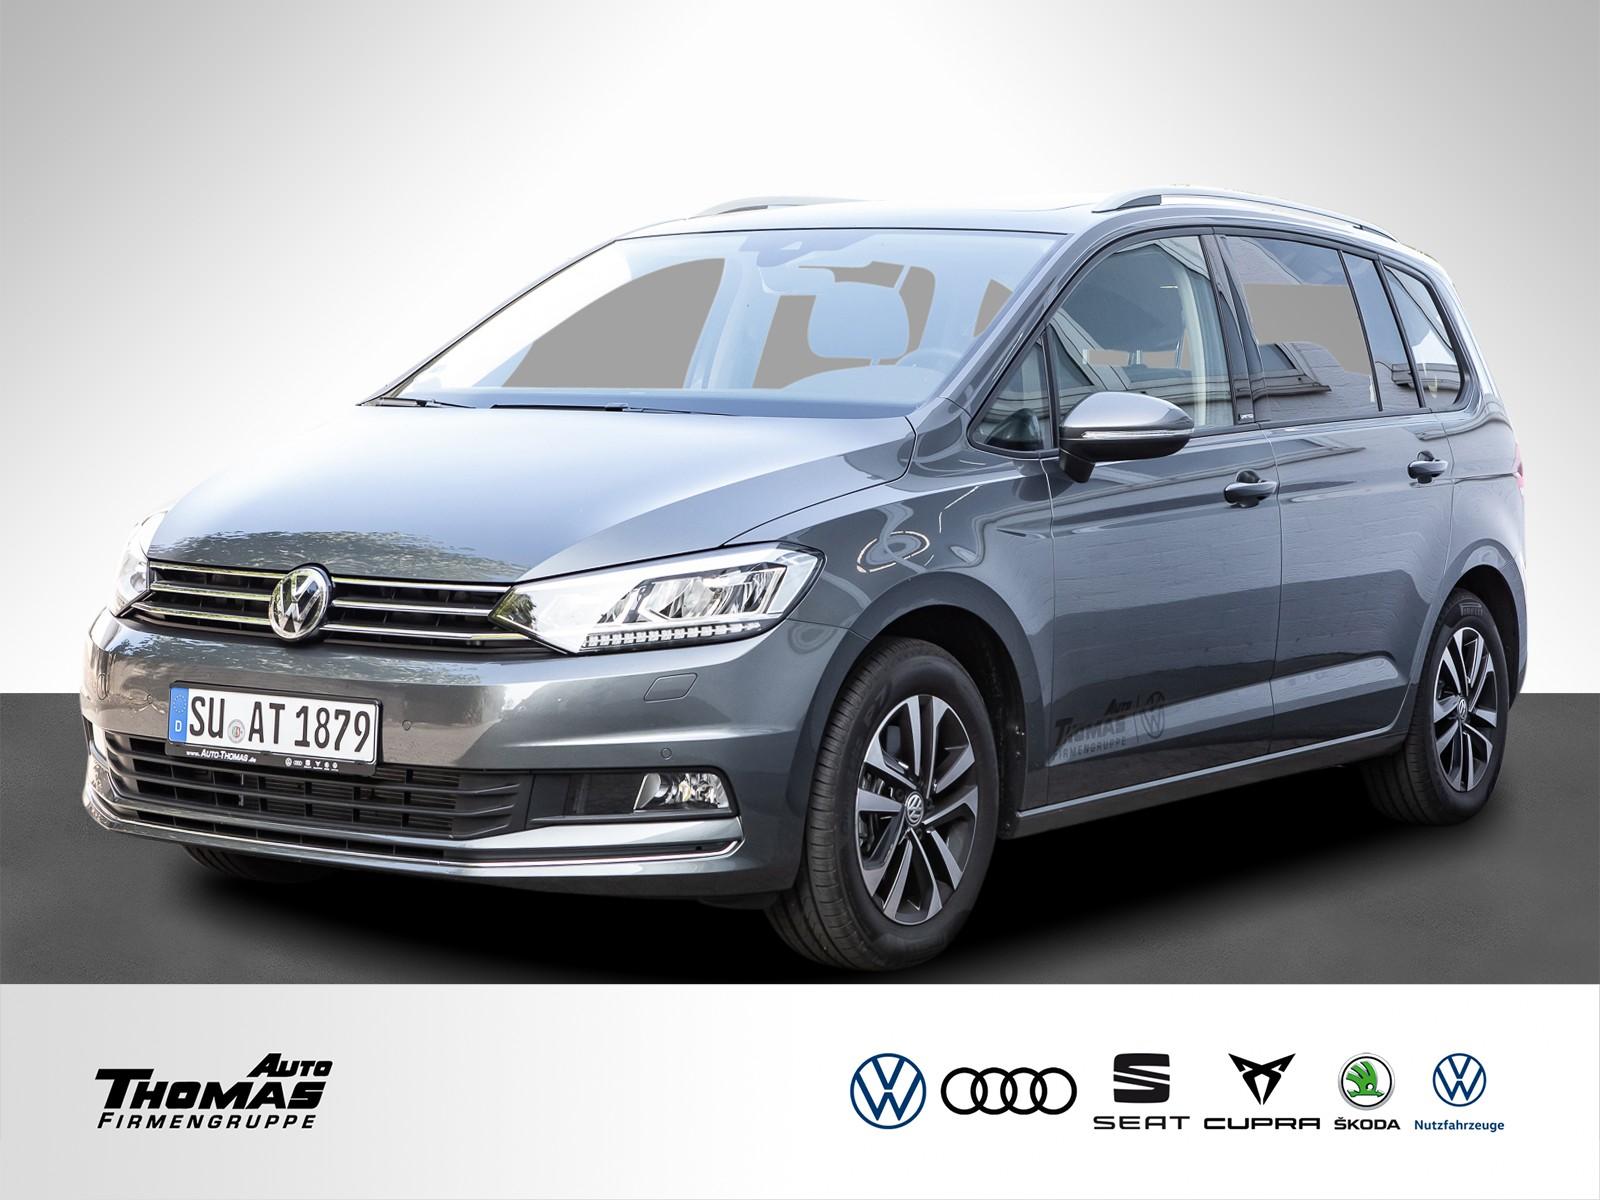 Volkswagen Touran Comfortline 1,5 l TSI OPF 110 kW (150 PS) 7-Gang DSG, Jahr 2020, Benzin